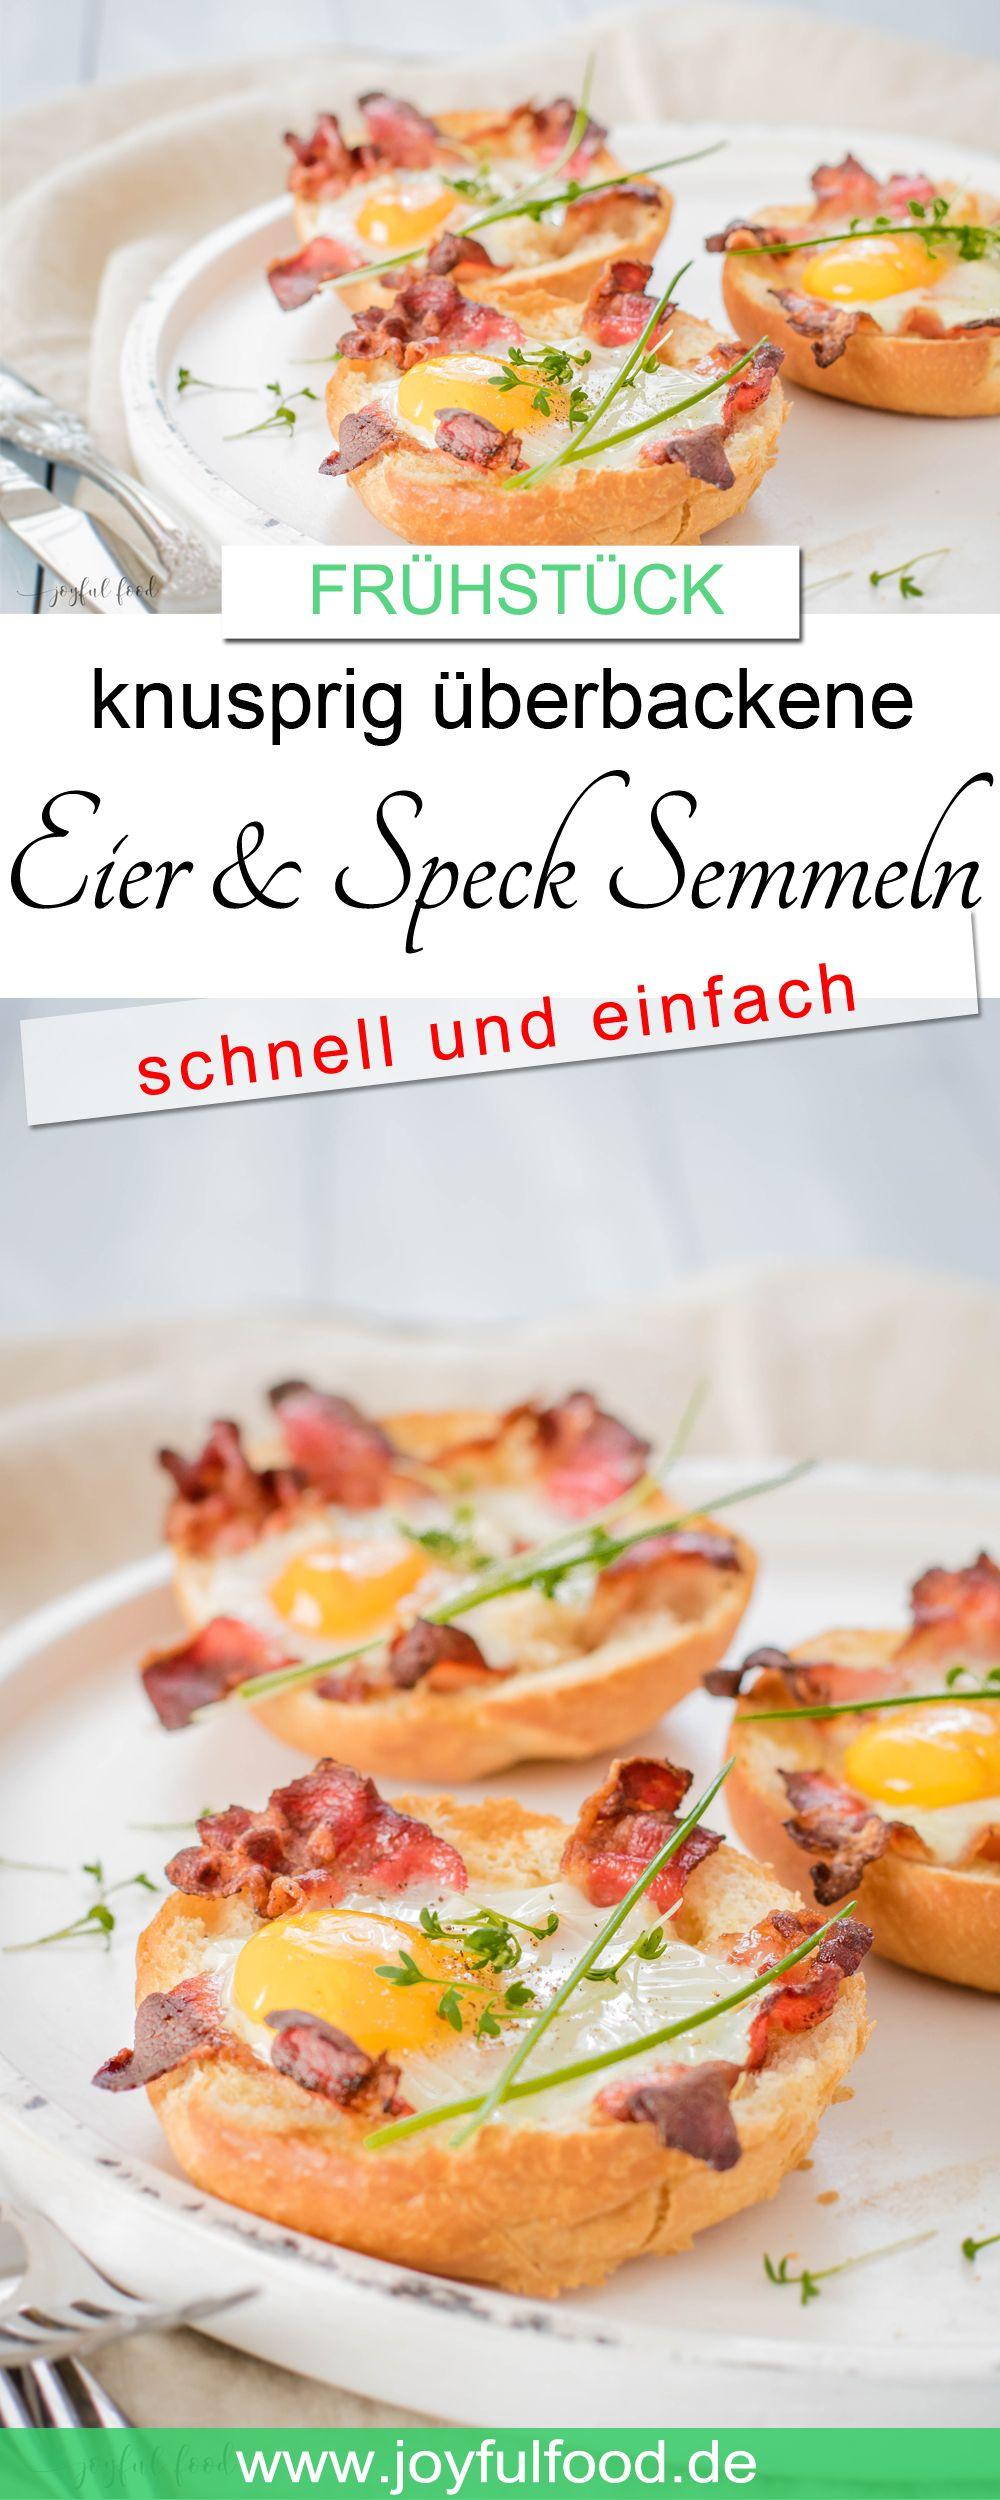 Eier und Speck Semmeln knusprig überbacken #brunchideen